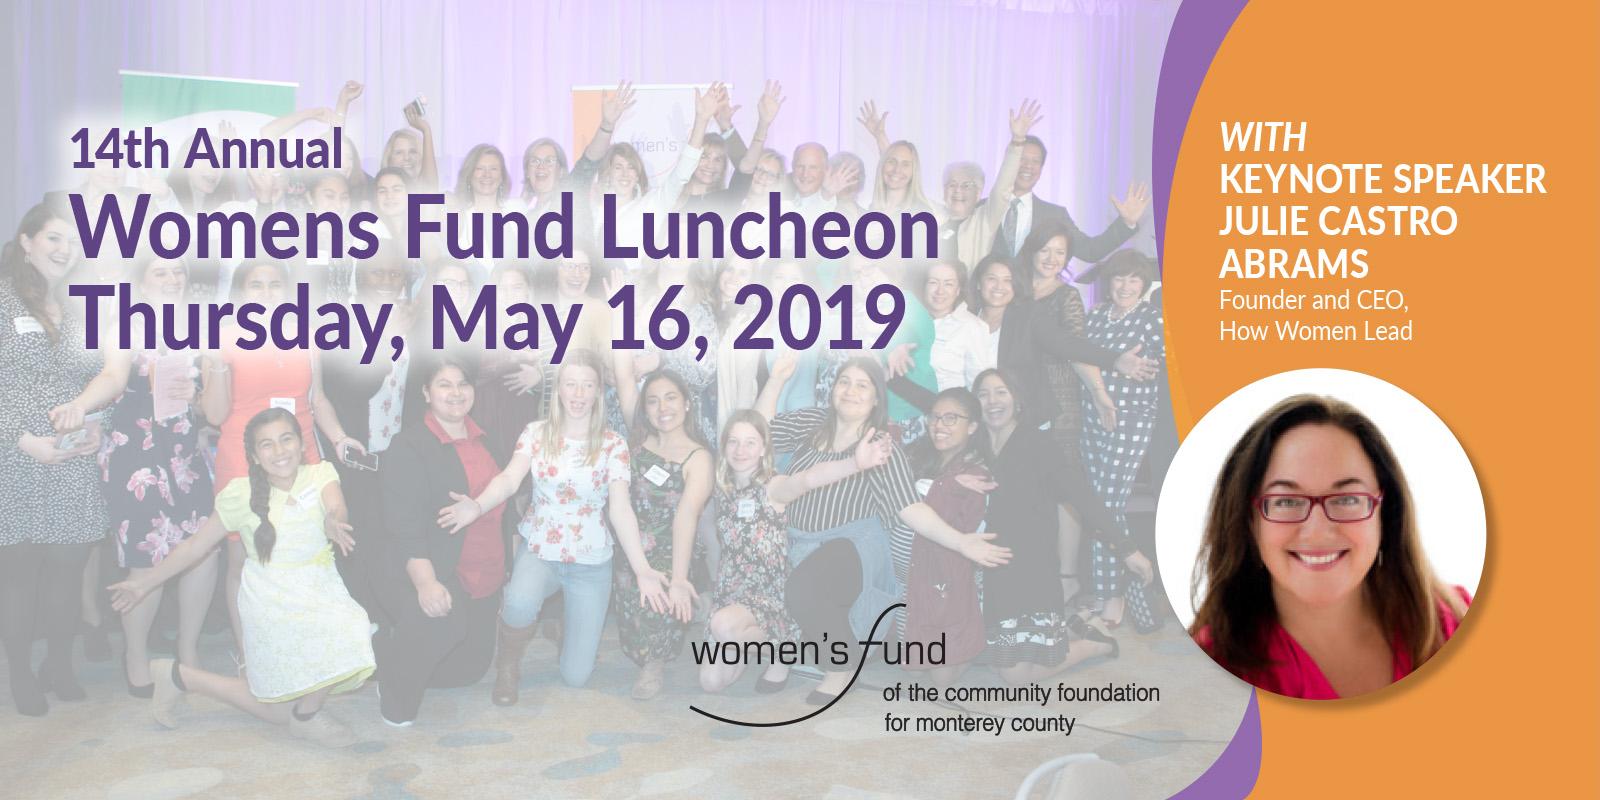 Women's Fund Luncheon 2019